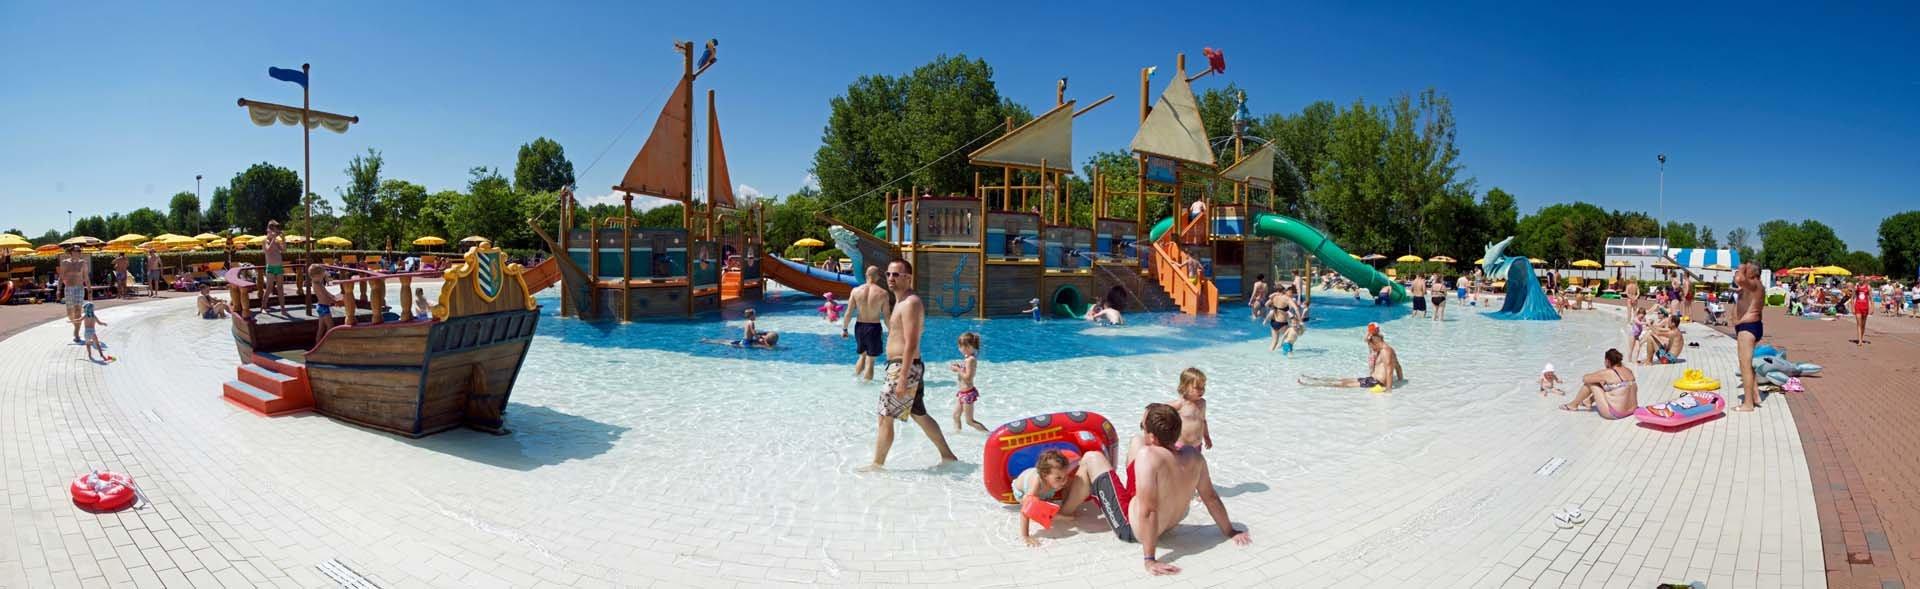 Zwembad Pra delle Torri